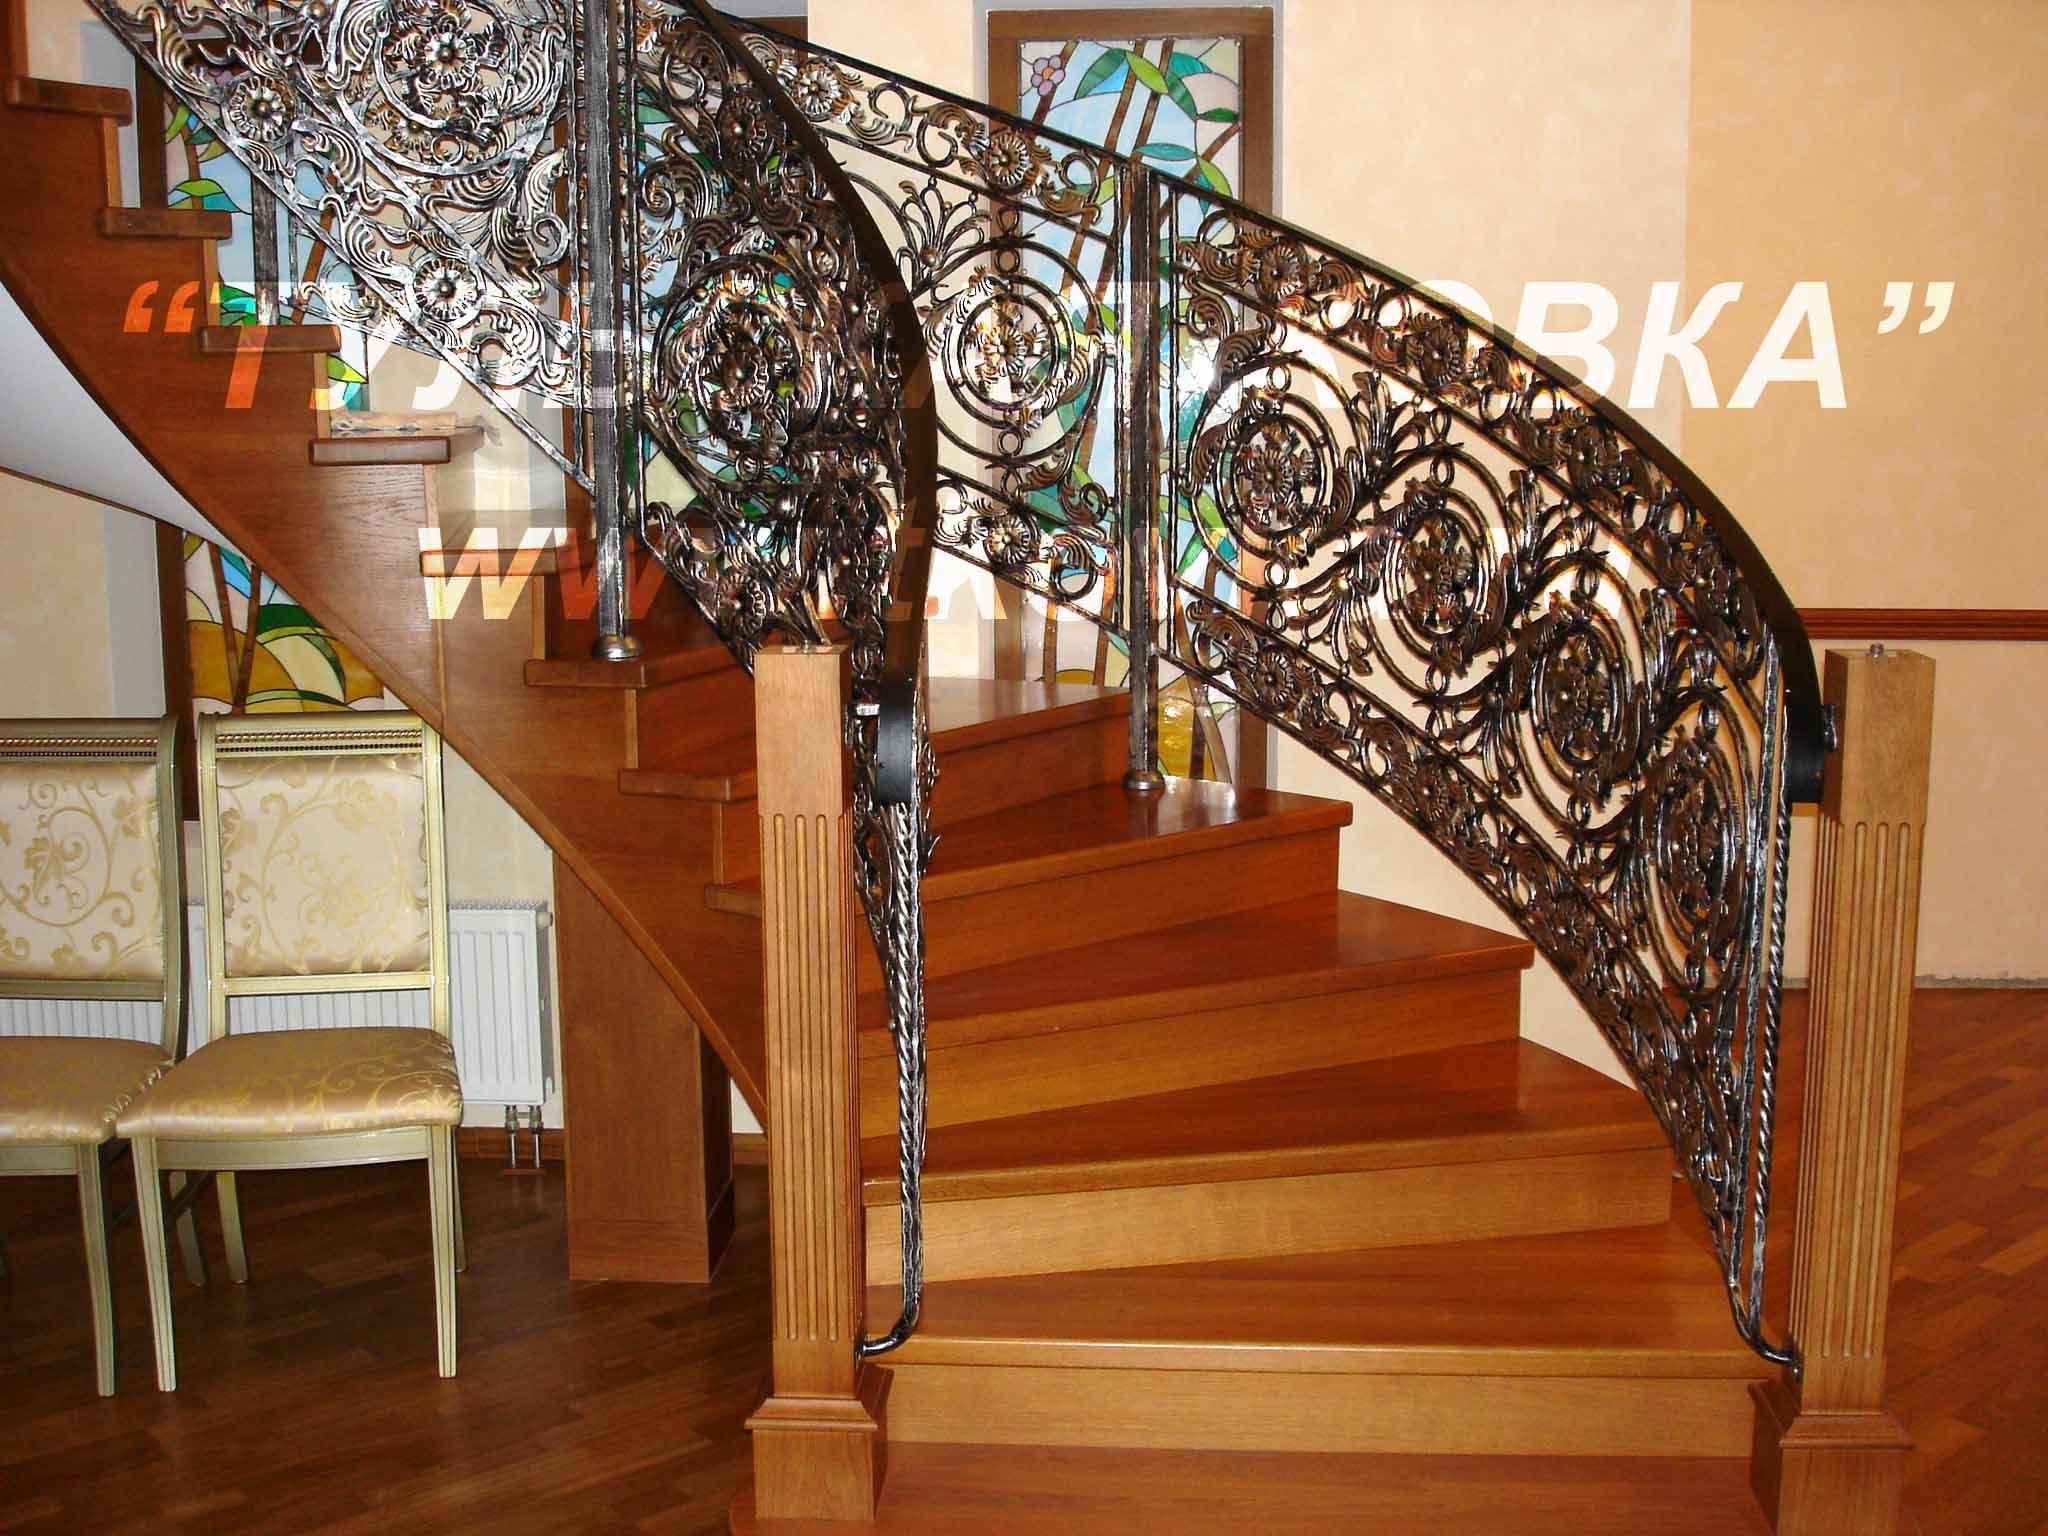 Wrought Iron Spiral Railings Forging  ~ Barandillas De Forja Para Escaleras De Interior